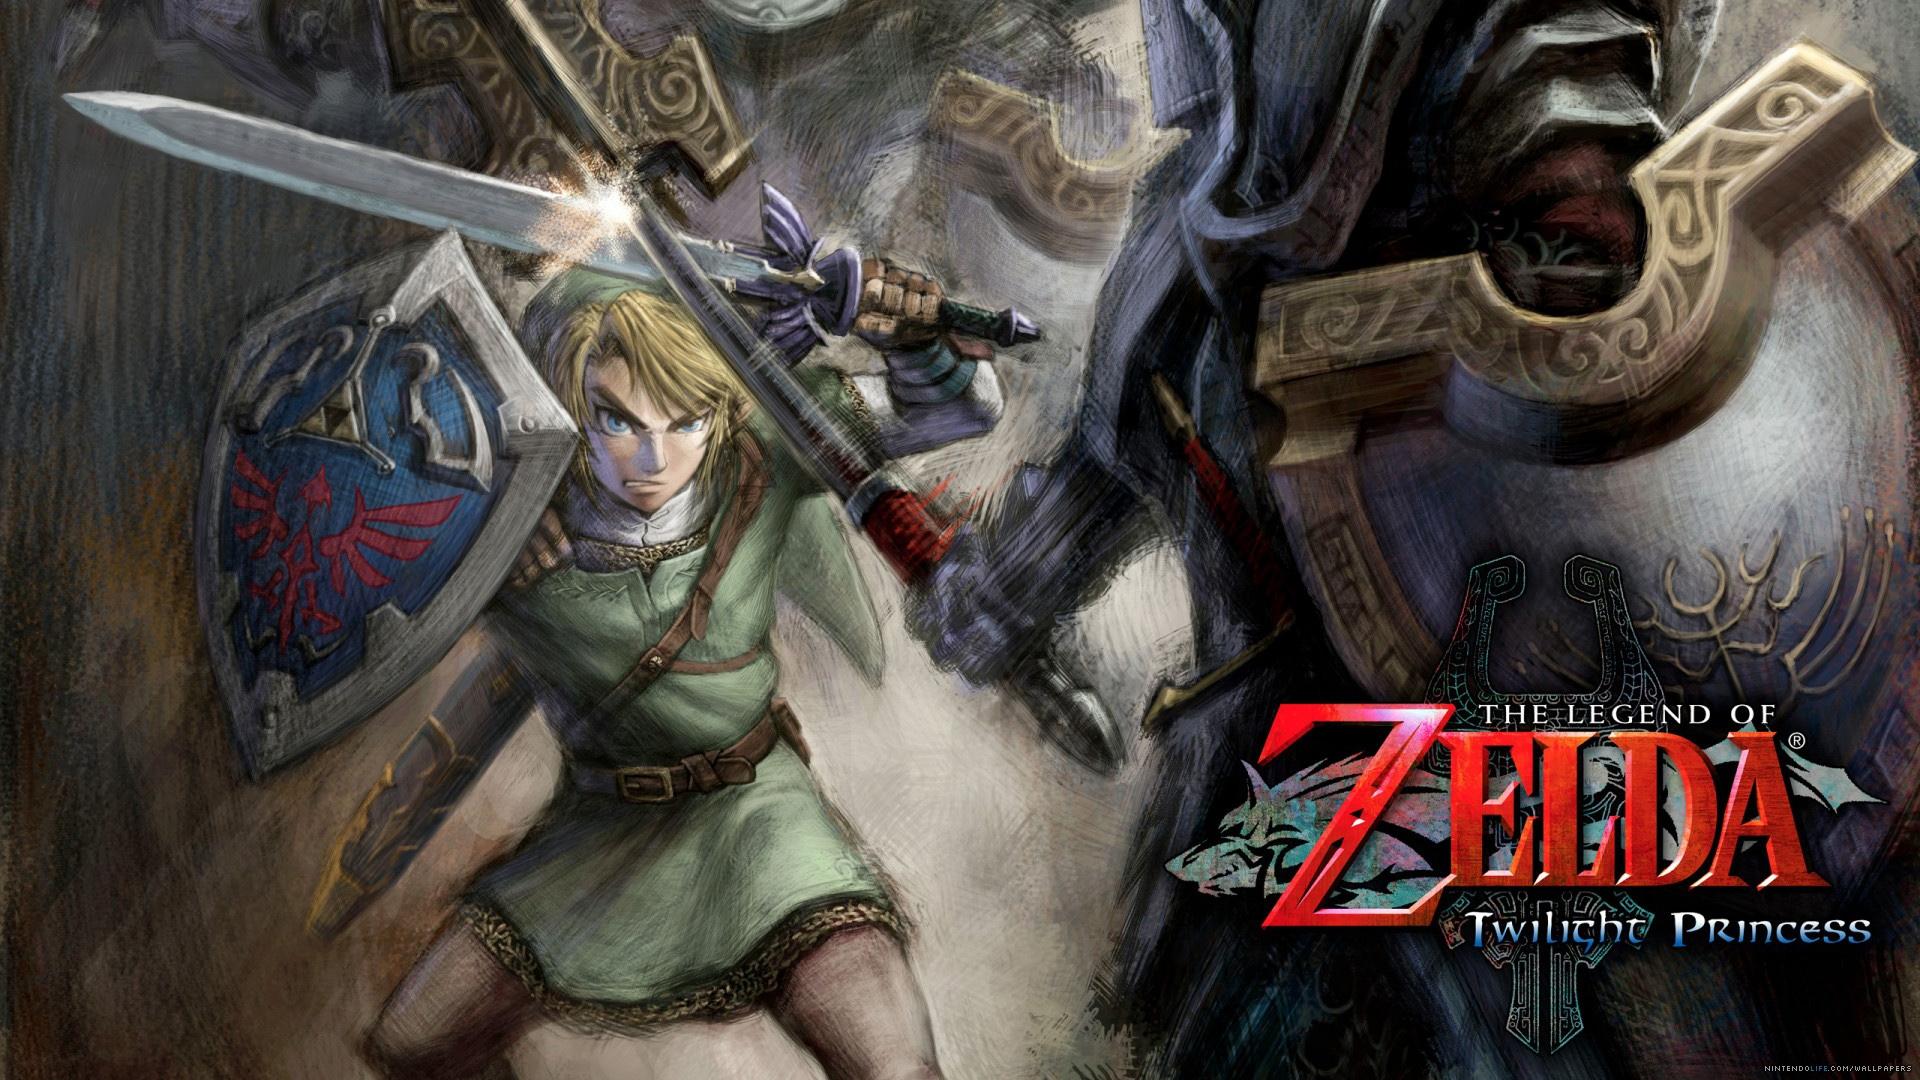 The Legend Of Zelda Twilight Princess Wallpapers Hd 19201080